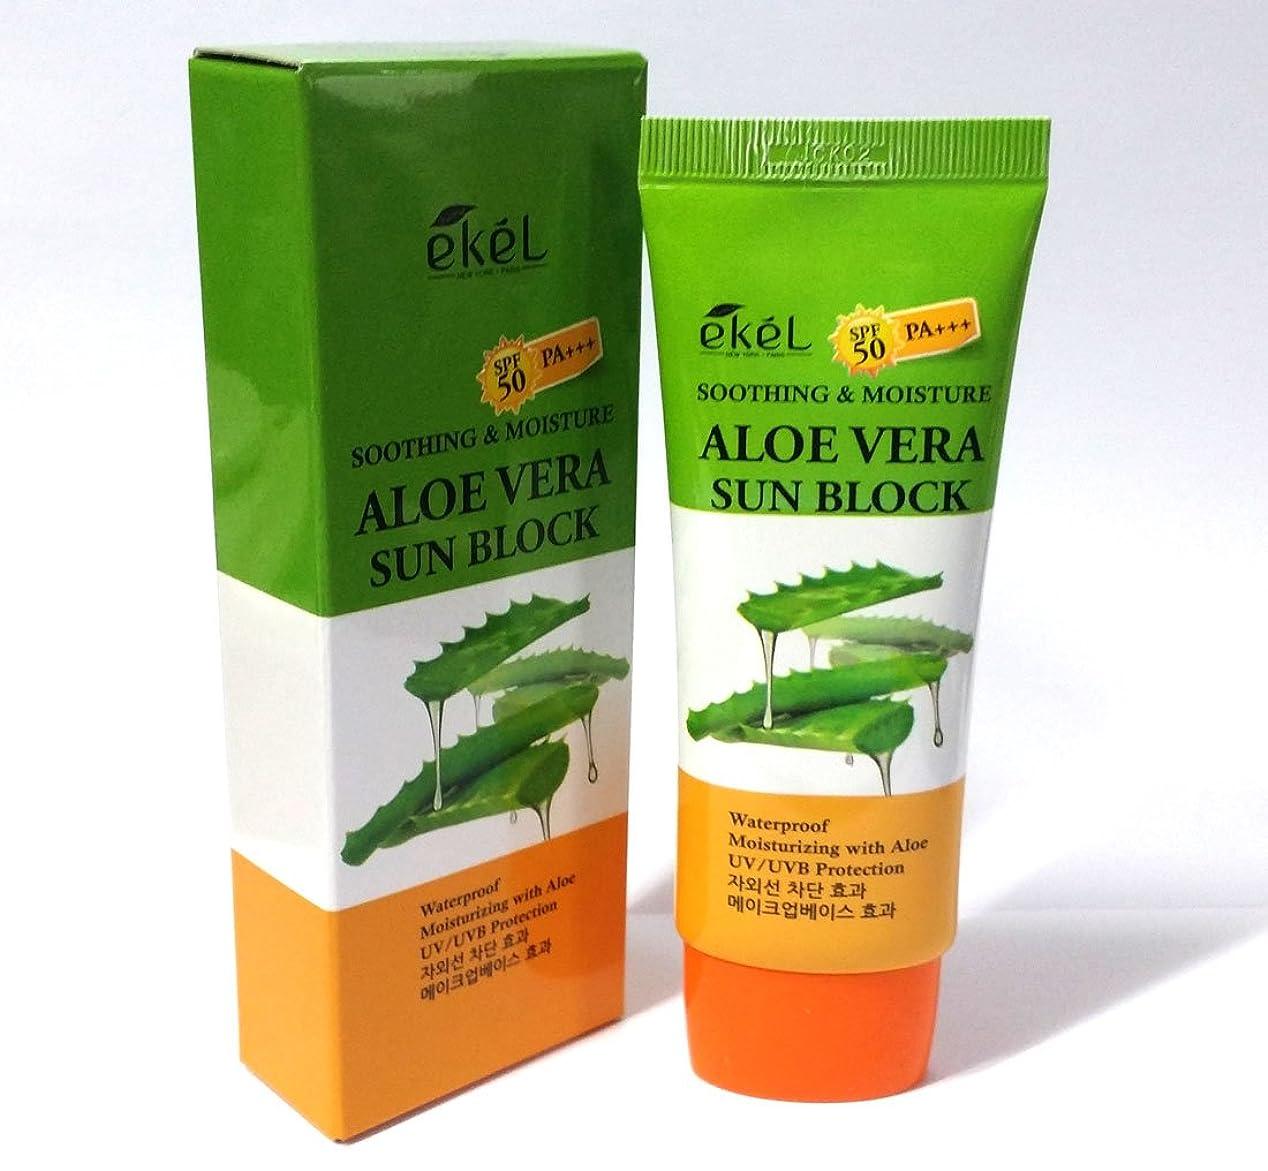 セミナー熱意良さ[Ekel] UVスムージング&モイスチャーアロエベラサンブロックSPF 50 PA +++ 70ml / UV Soothing & Moisture Aloe Vera Sun Block SPF 50 PA +++ 70ml/ スーミング、防水、プライマー/韓国化粧品 / Soothing, Waterproof, Primer/Korean Cosmetics (1EA) [並行輸入品]